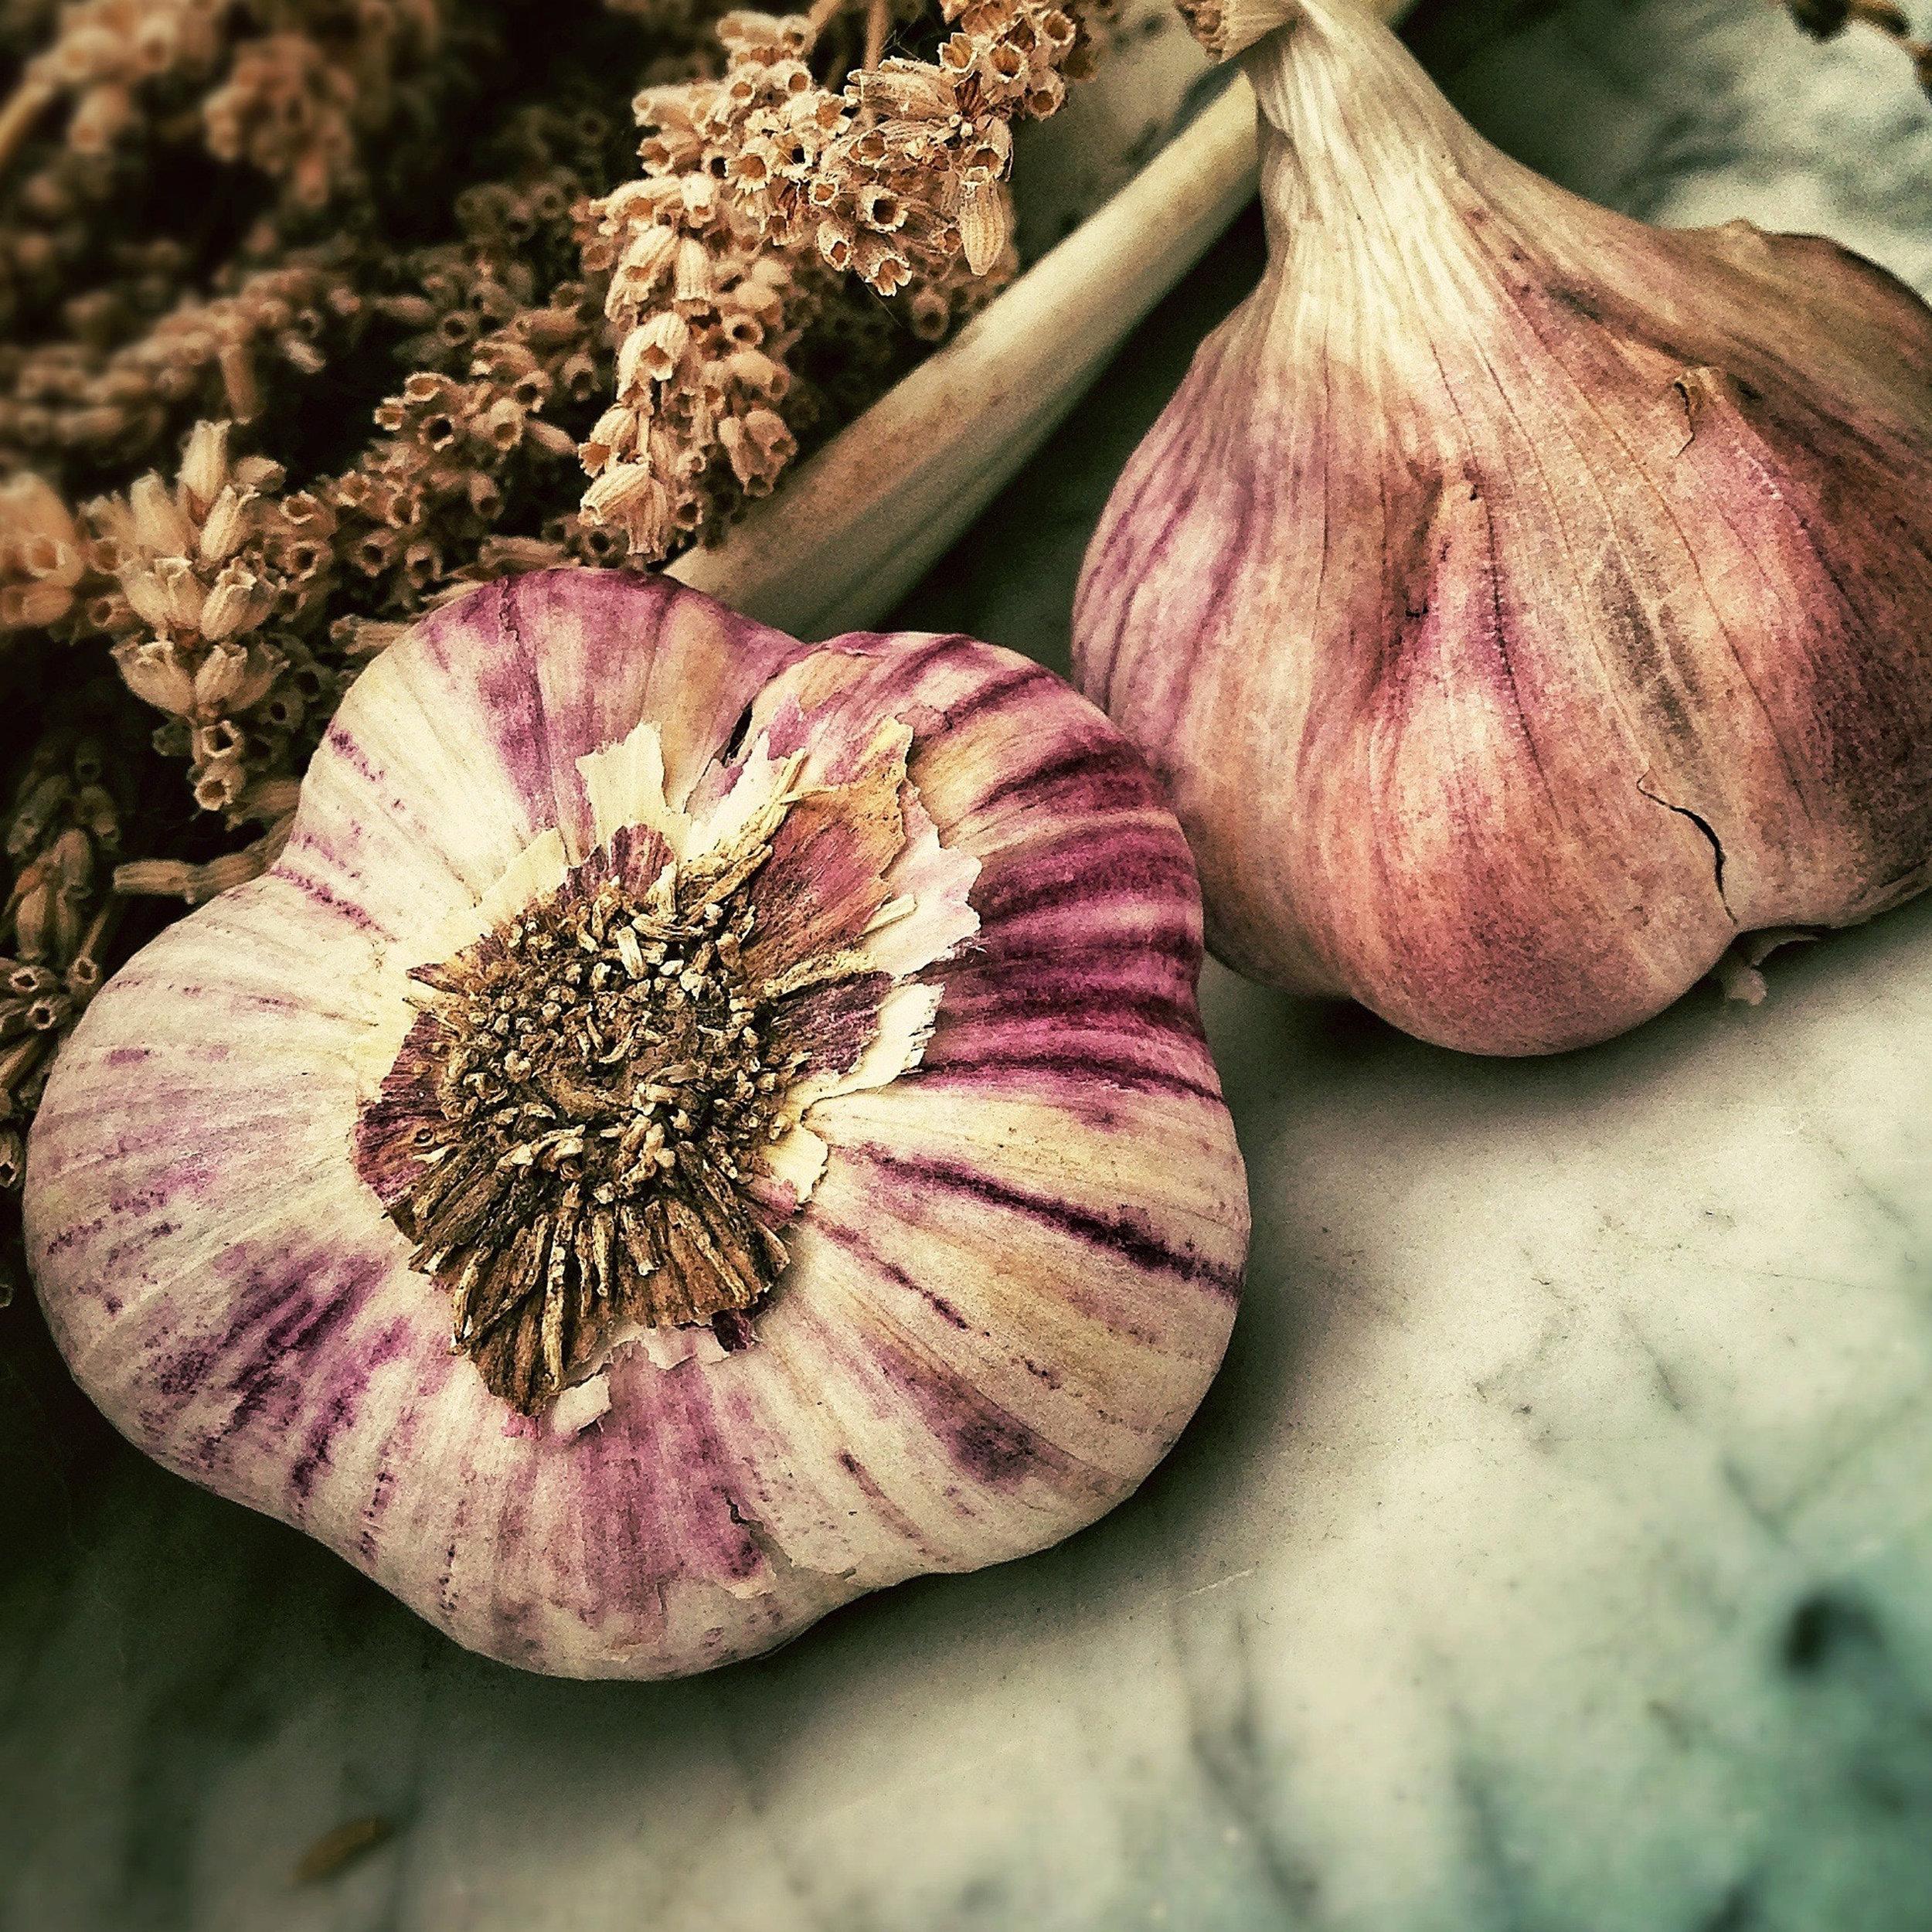 garlic-lobostudio-hamburg-33674-unsplash-crop.jpg